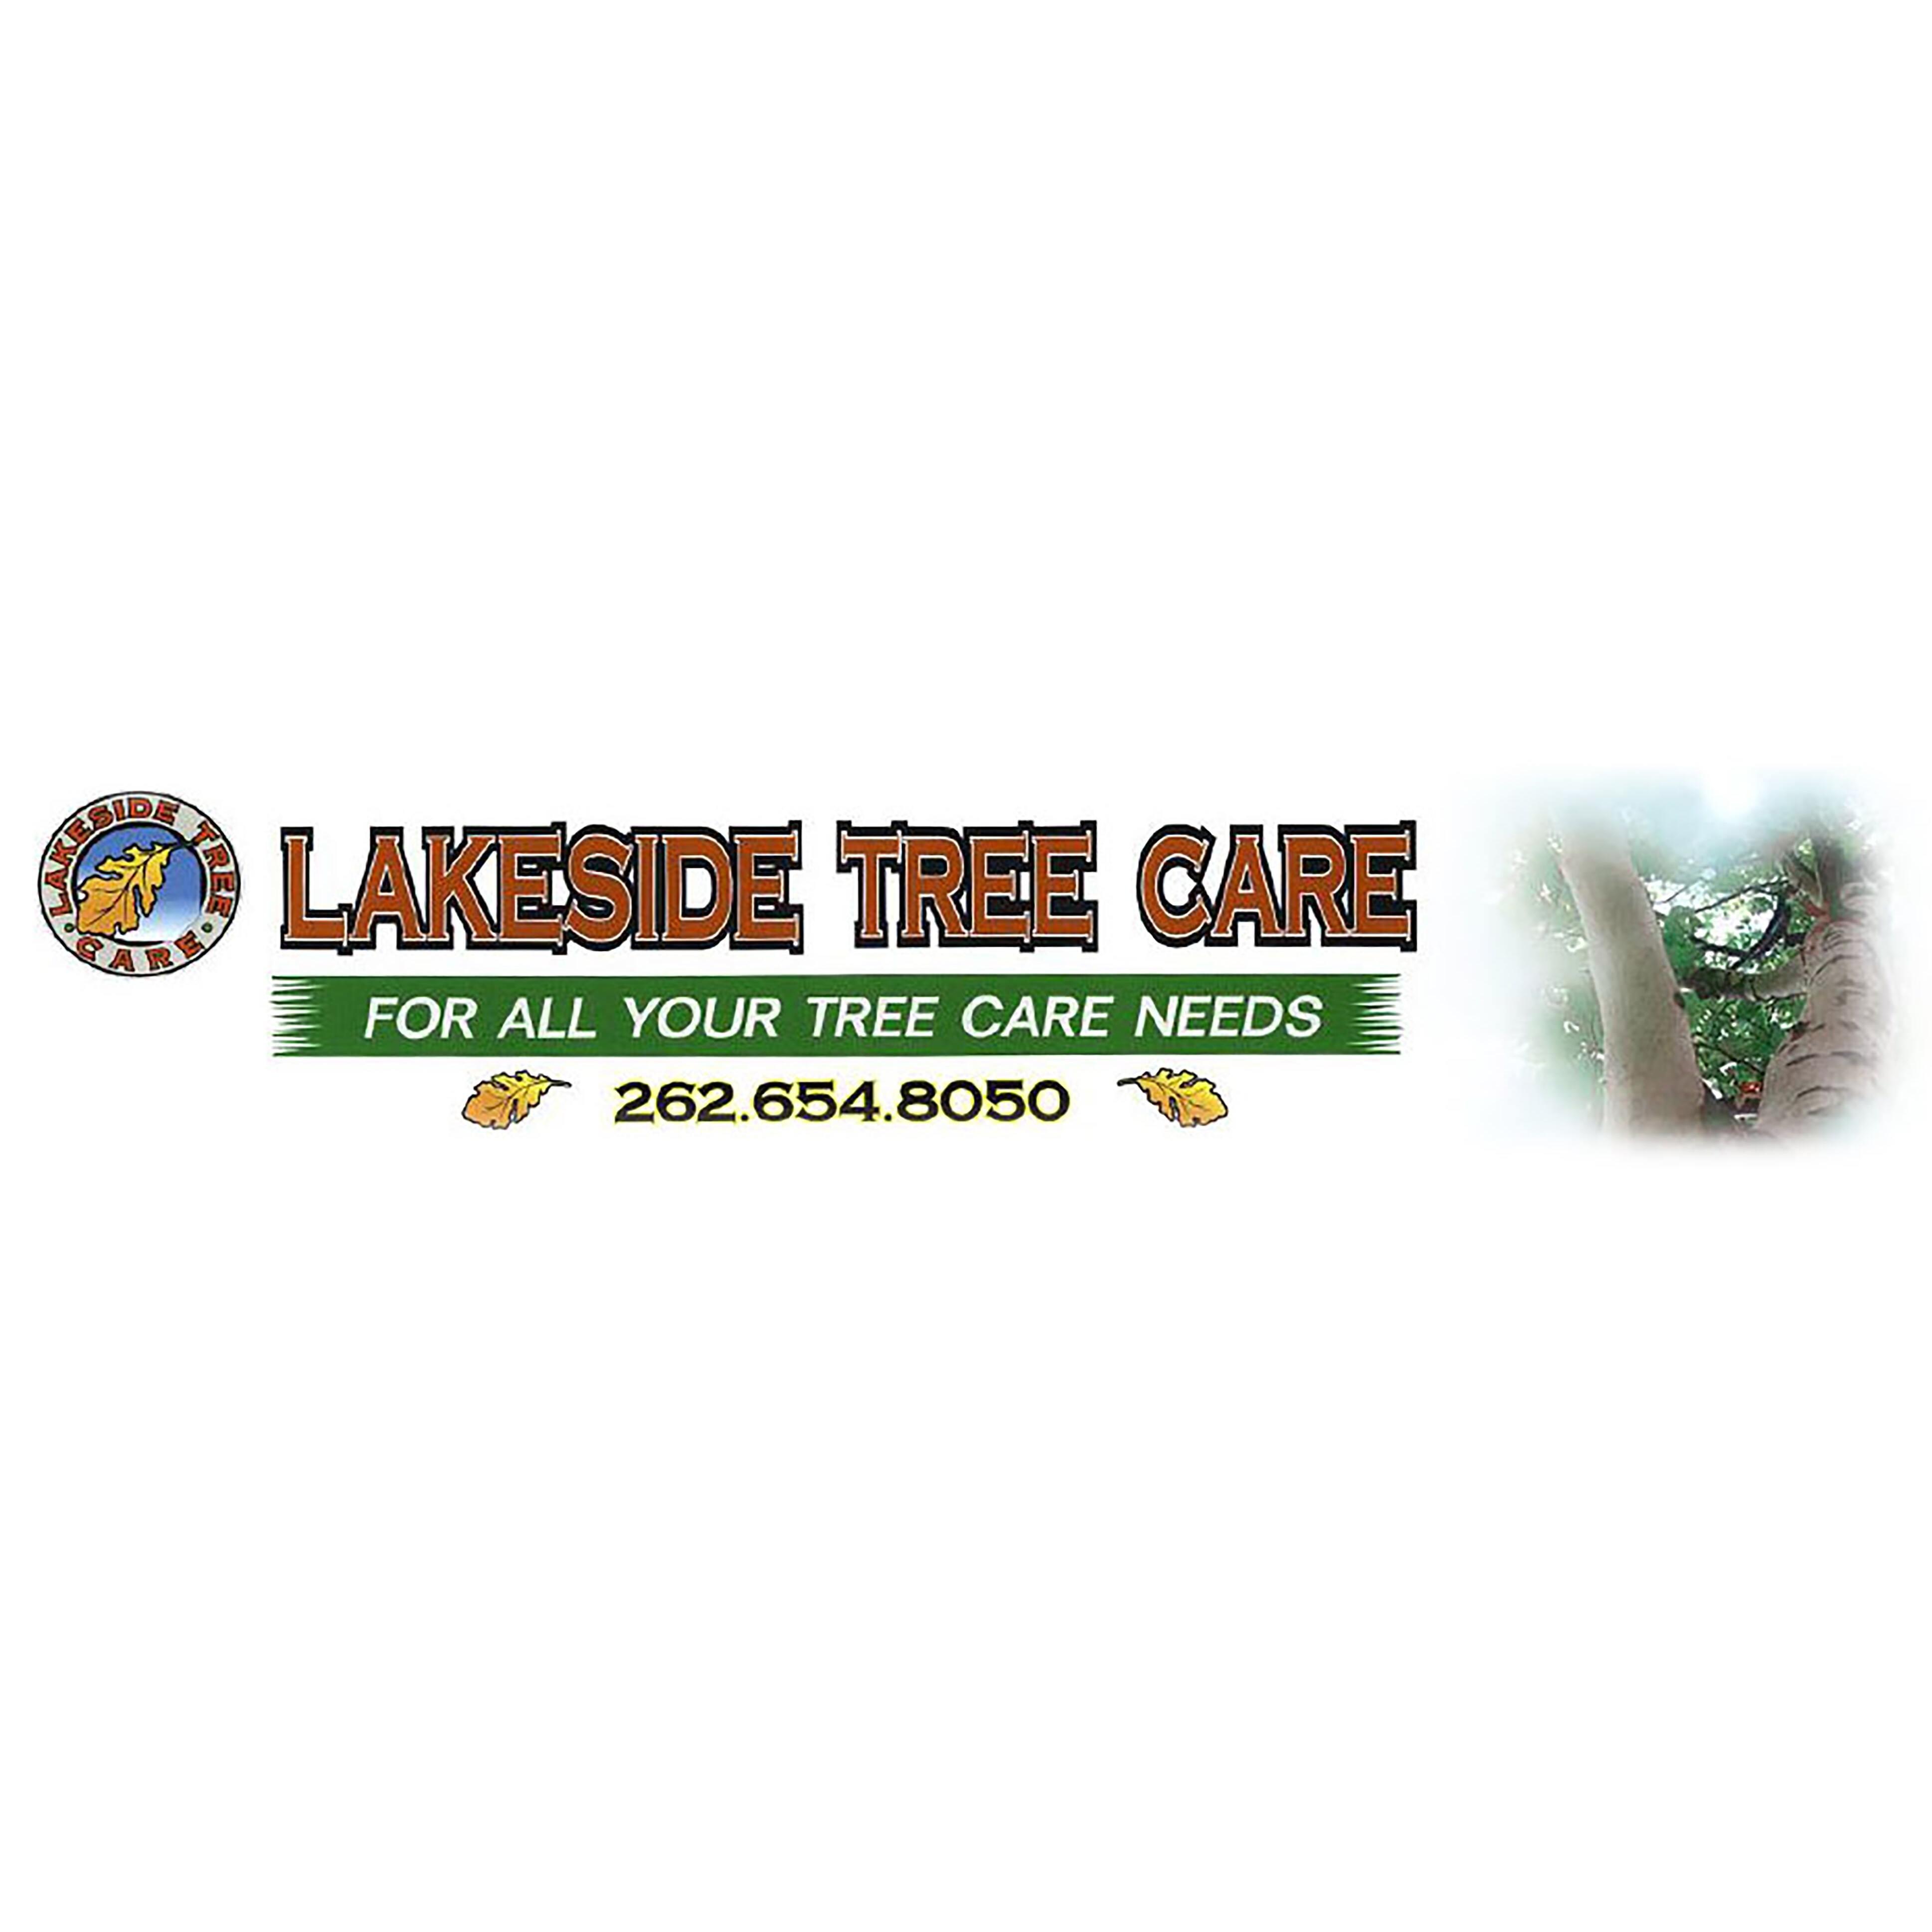 Lakeside Tree Care